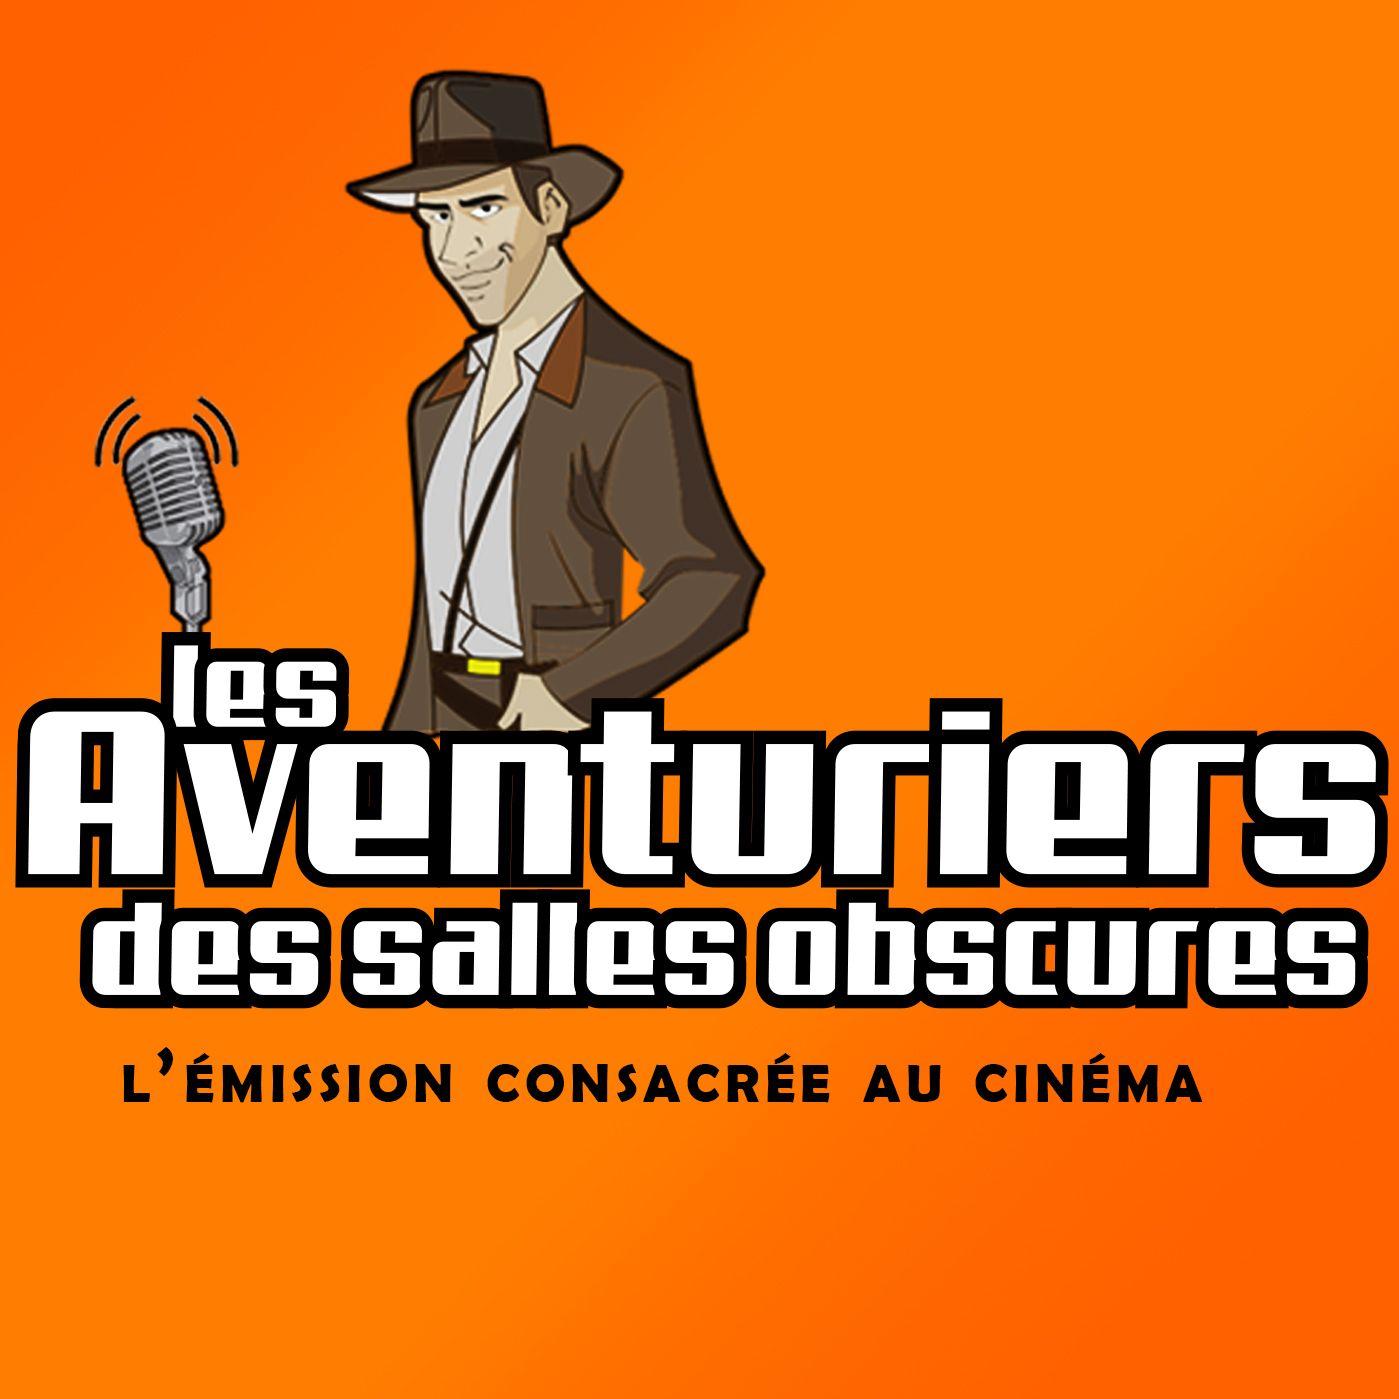 Extrait Les Aventuriers des Salles Obscures 21 Septembre 2019